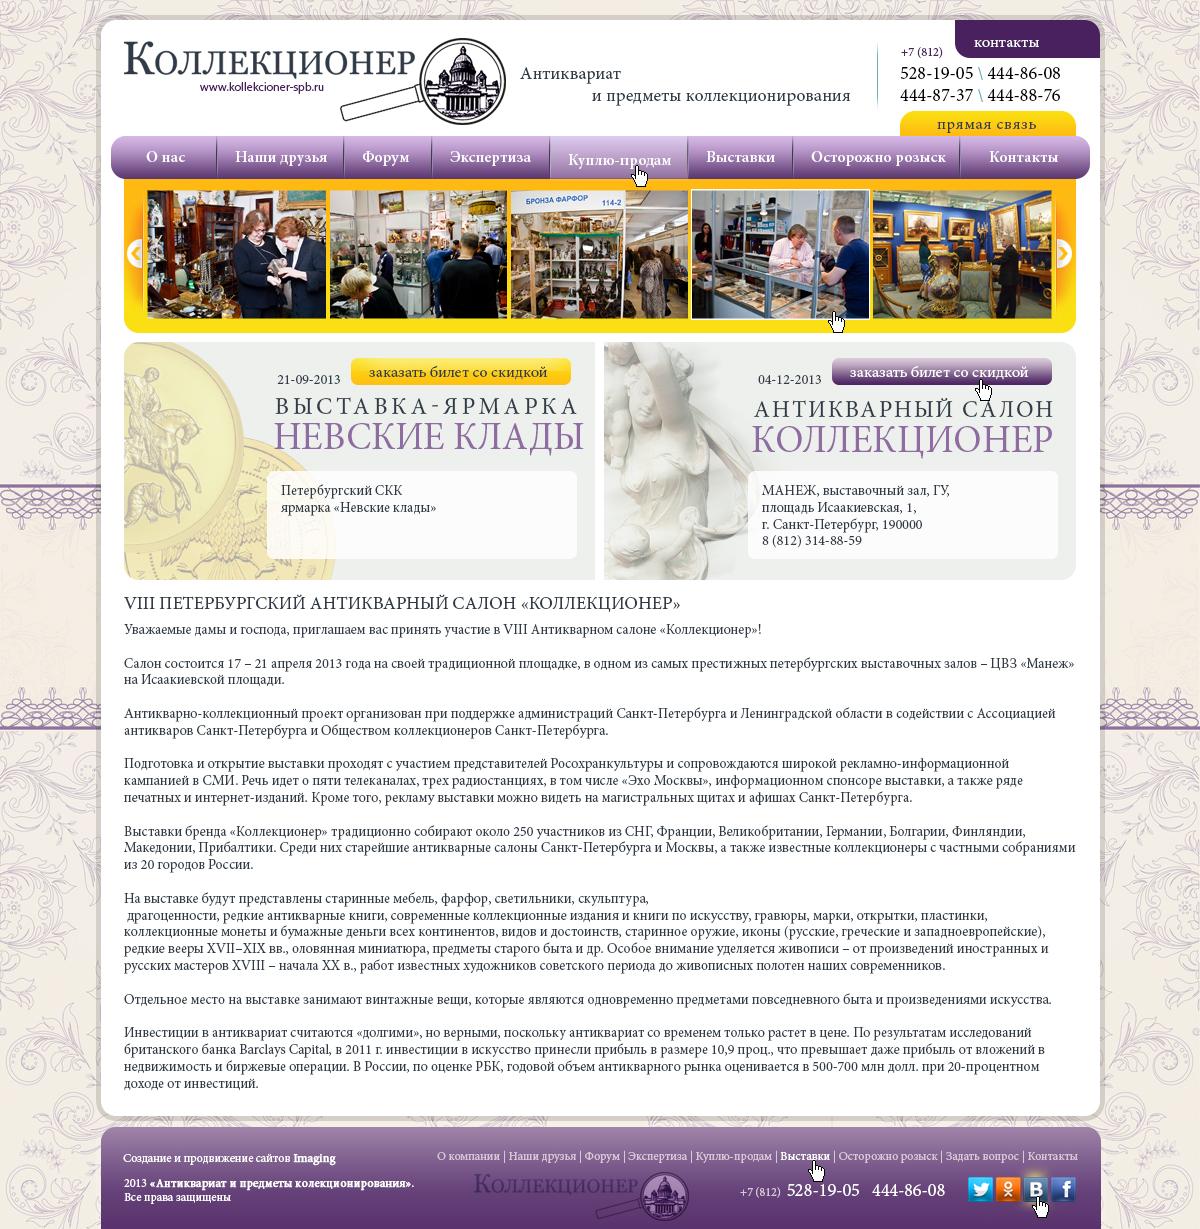 Сайт колликционер ру редкие рублевые монеты россии